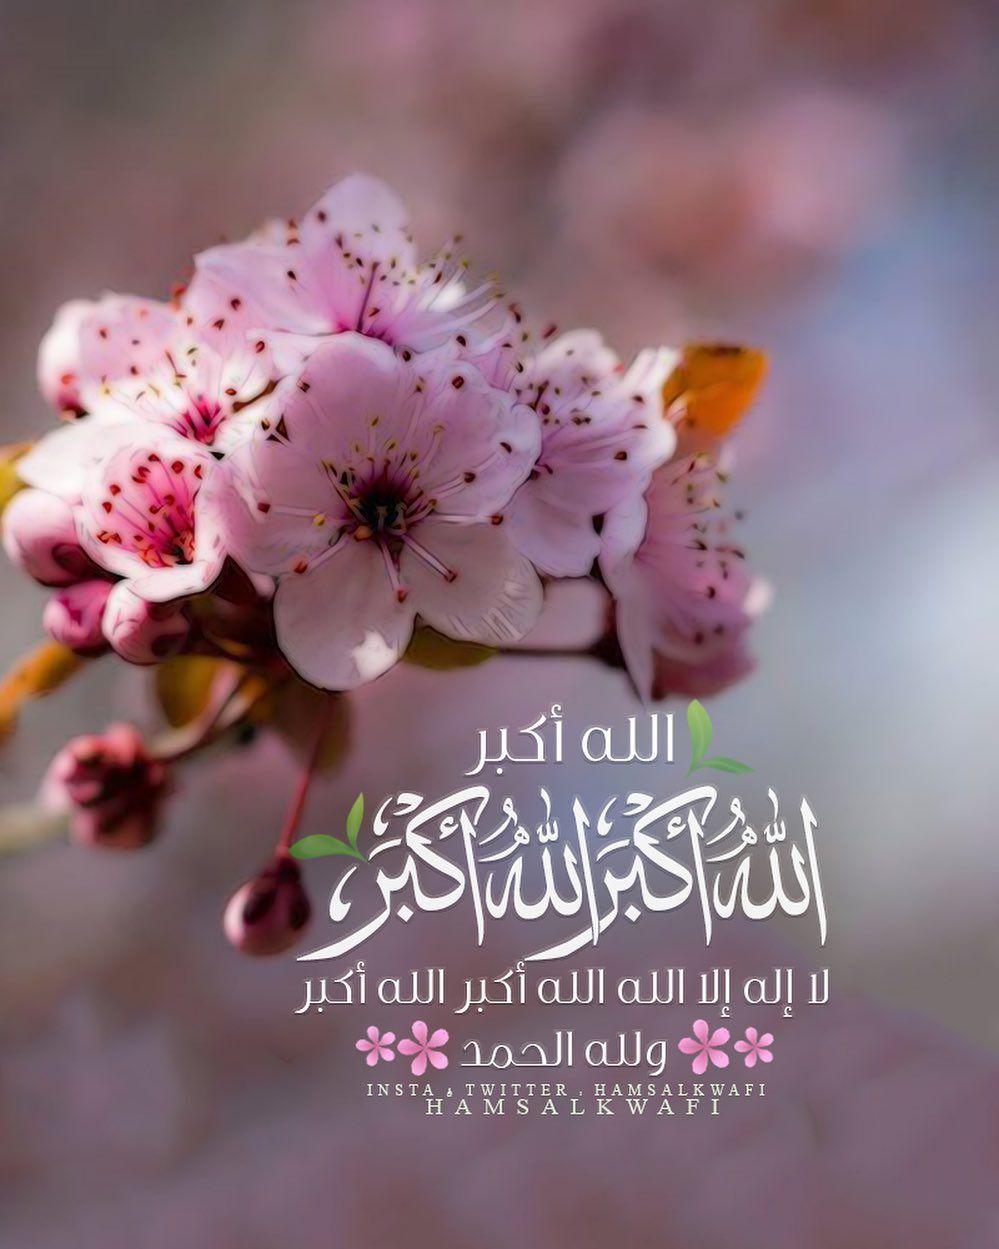 كہ ن ذا أثہ ـر S Instagram Photo لل ه محاولاتك كلها لل ه دعواتك التي ضاقت بها الصدو Eid Mubarak Wishes Images Eid Mubarak Wishes Eid Greetings